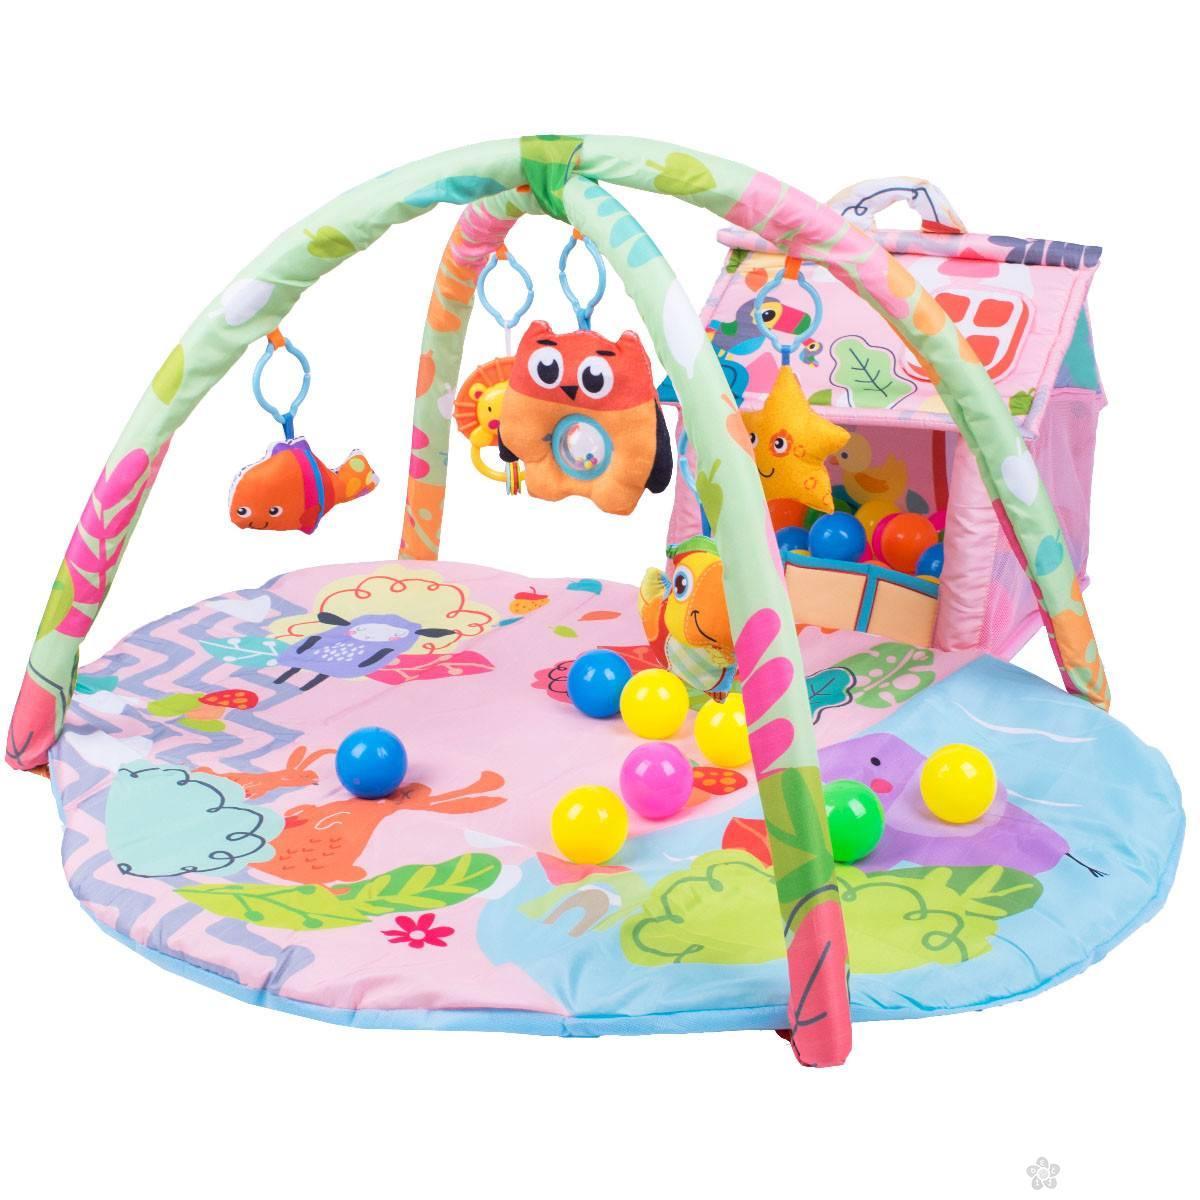 Jungle gimnastika sa kućicom i lopticama 013001